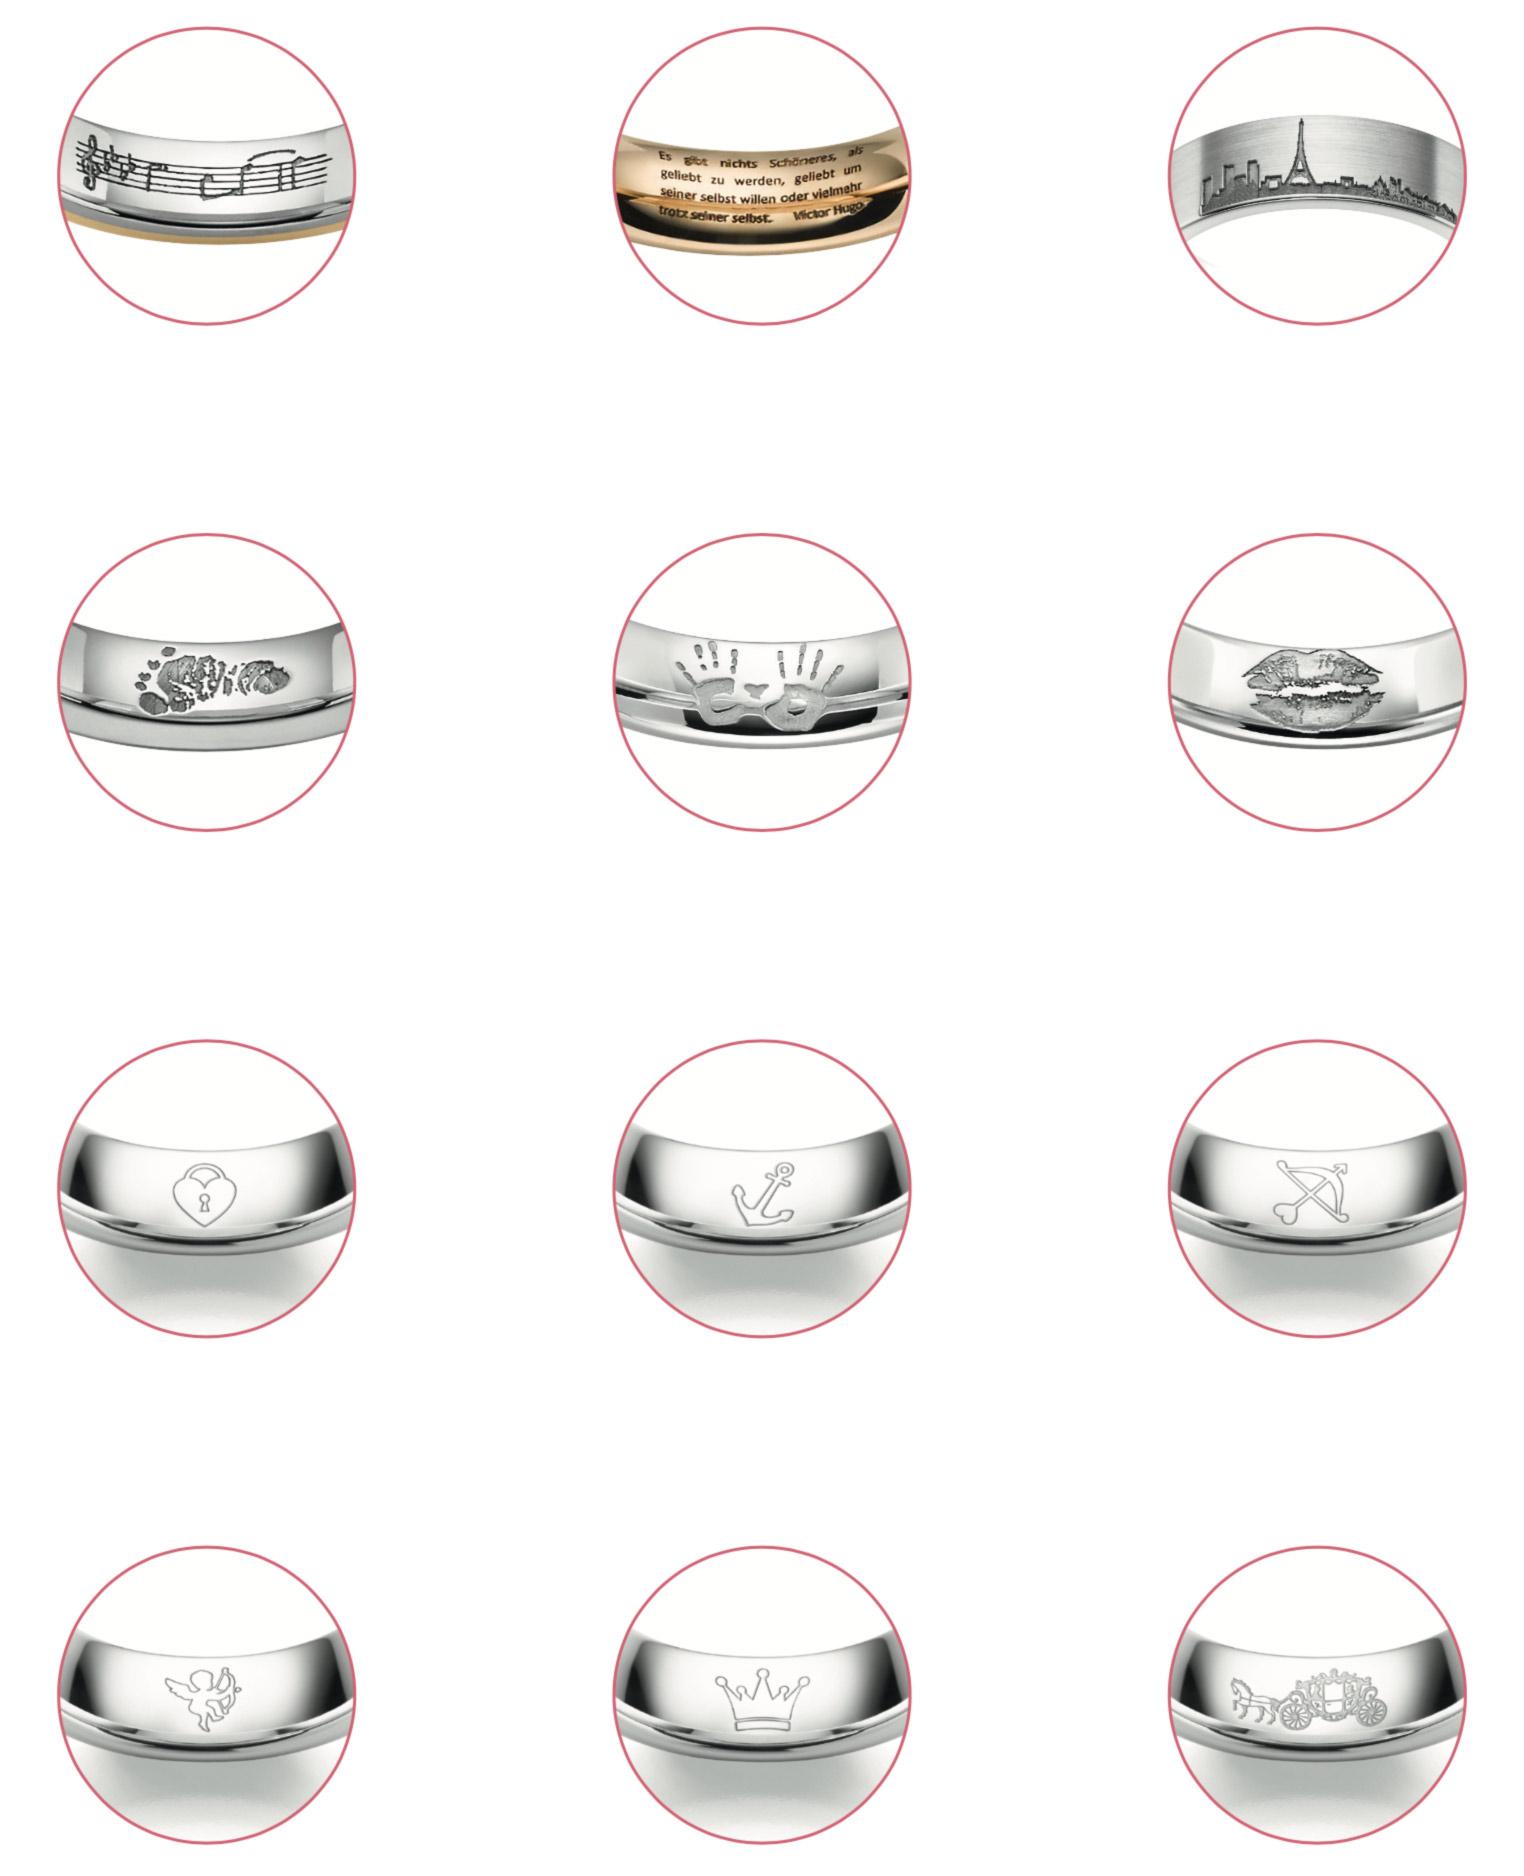 Exemples de gravures au laser sur des alliances de mariage